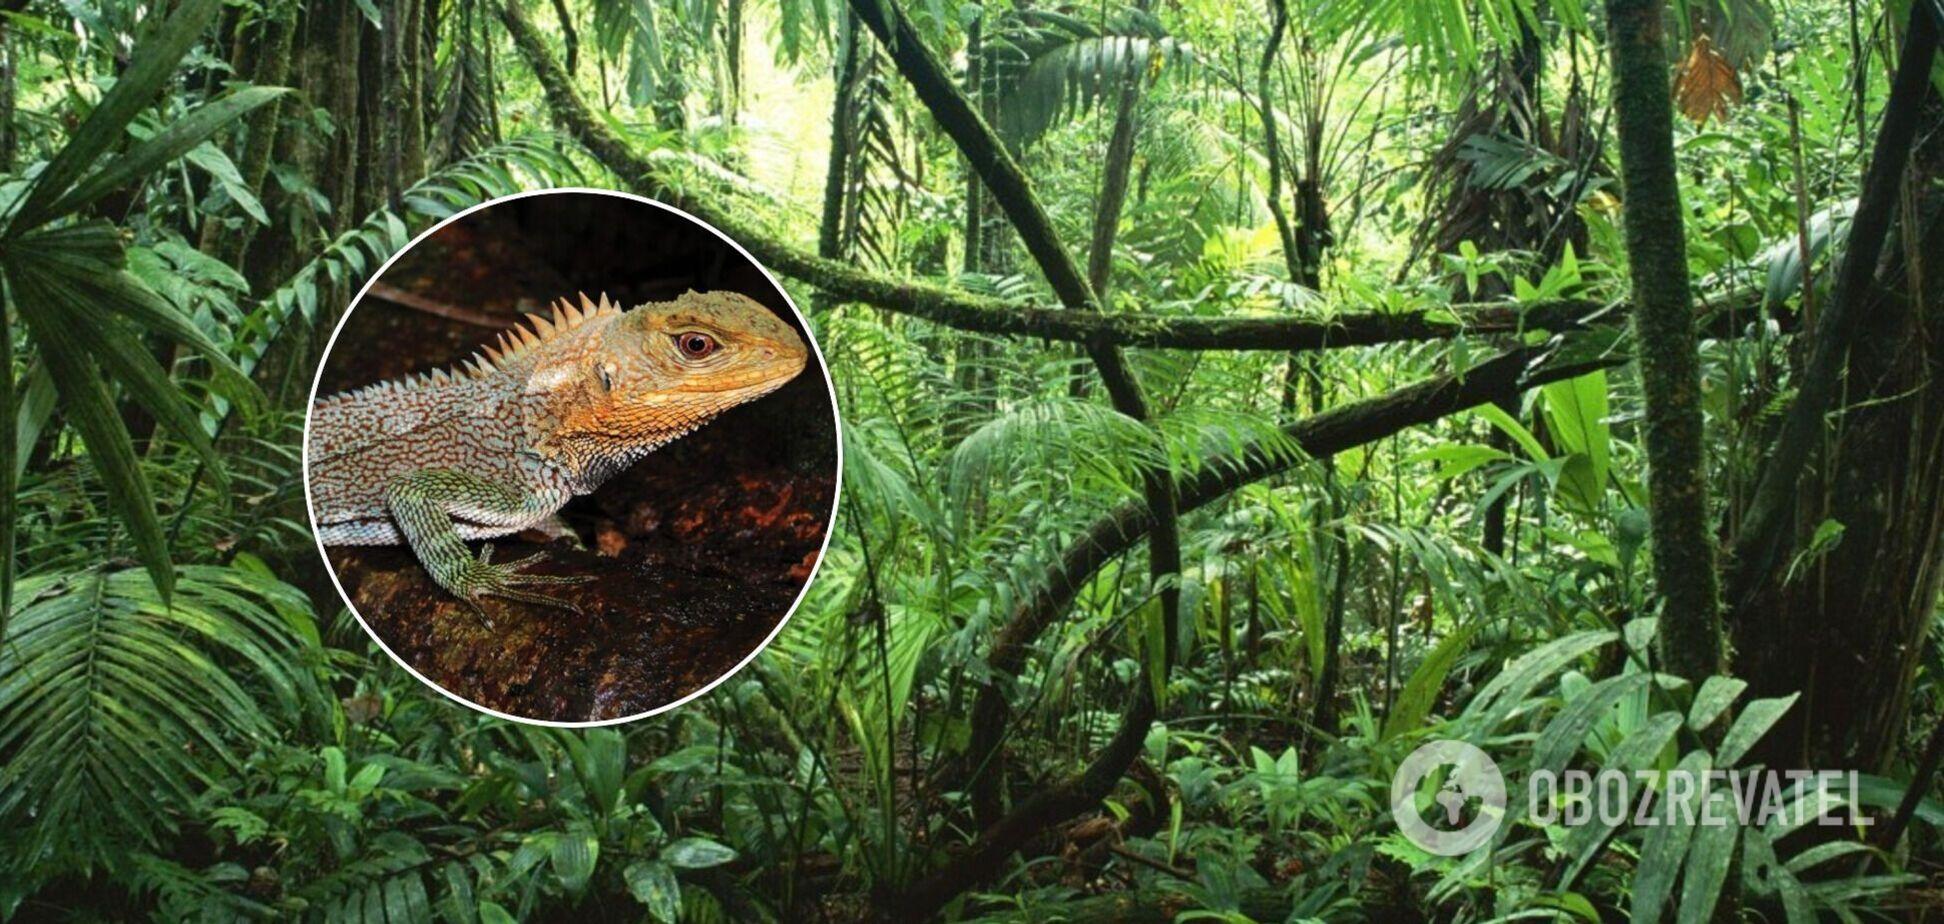 Ученые обнаружили в Перу новый вид 'драконов'. Фото